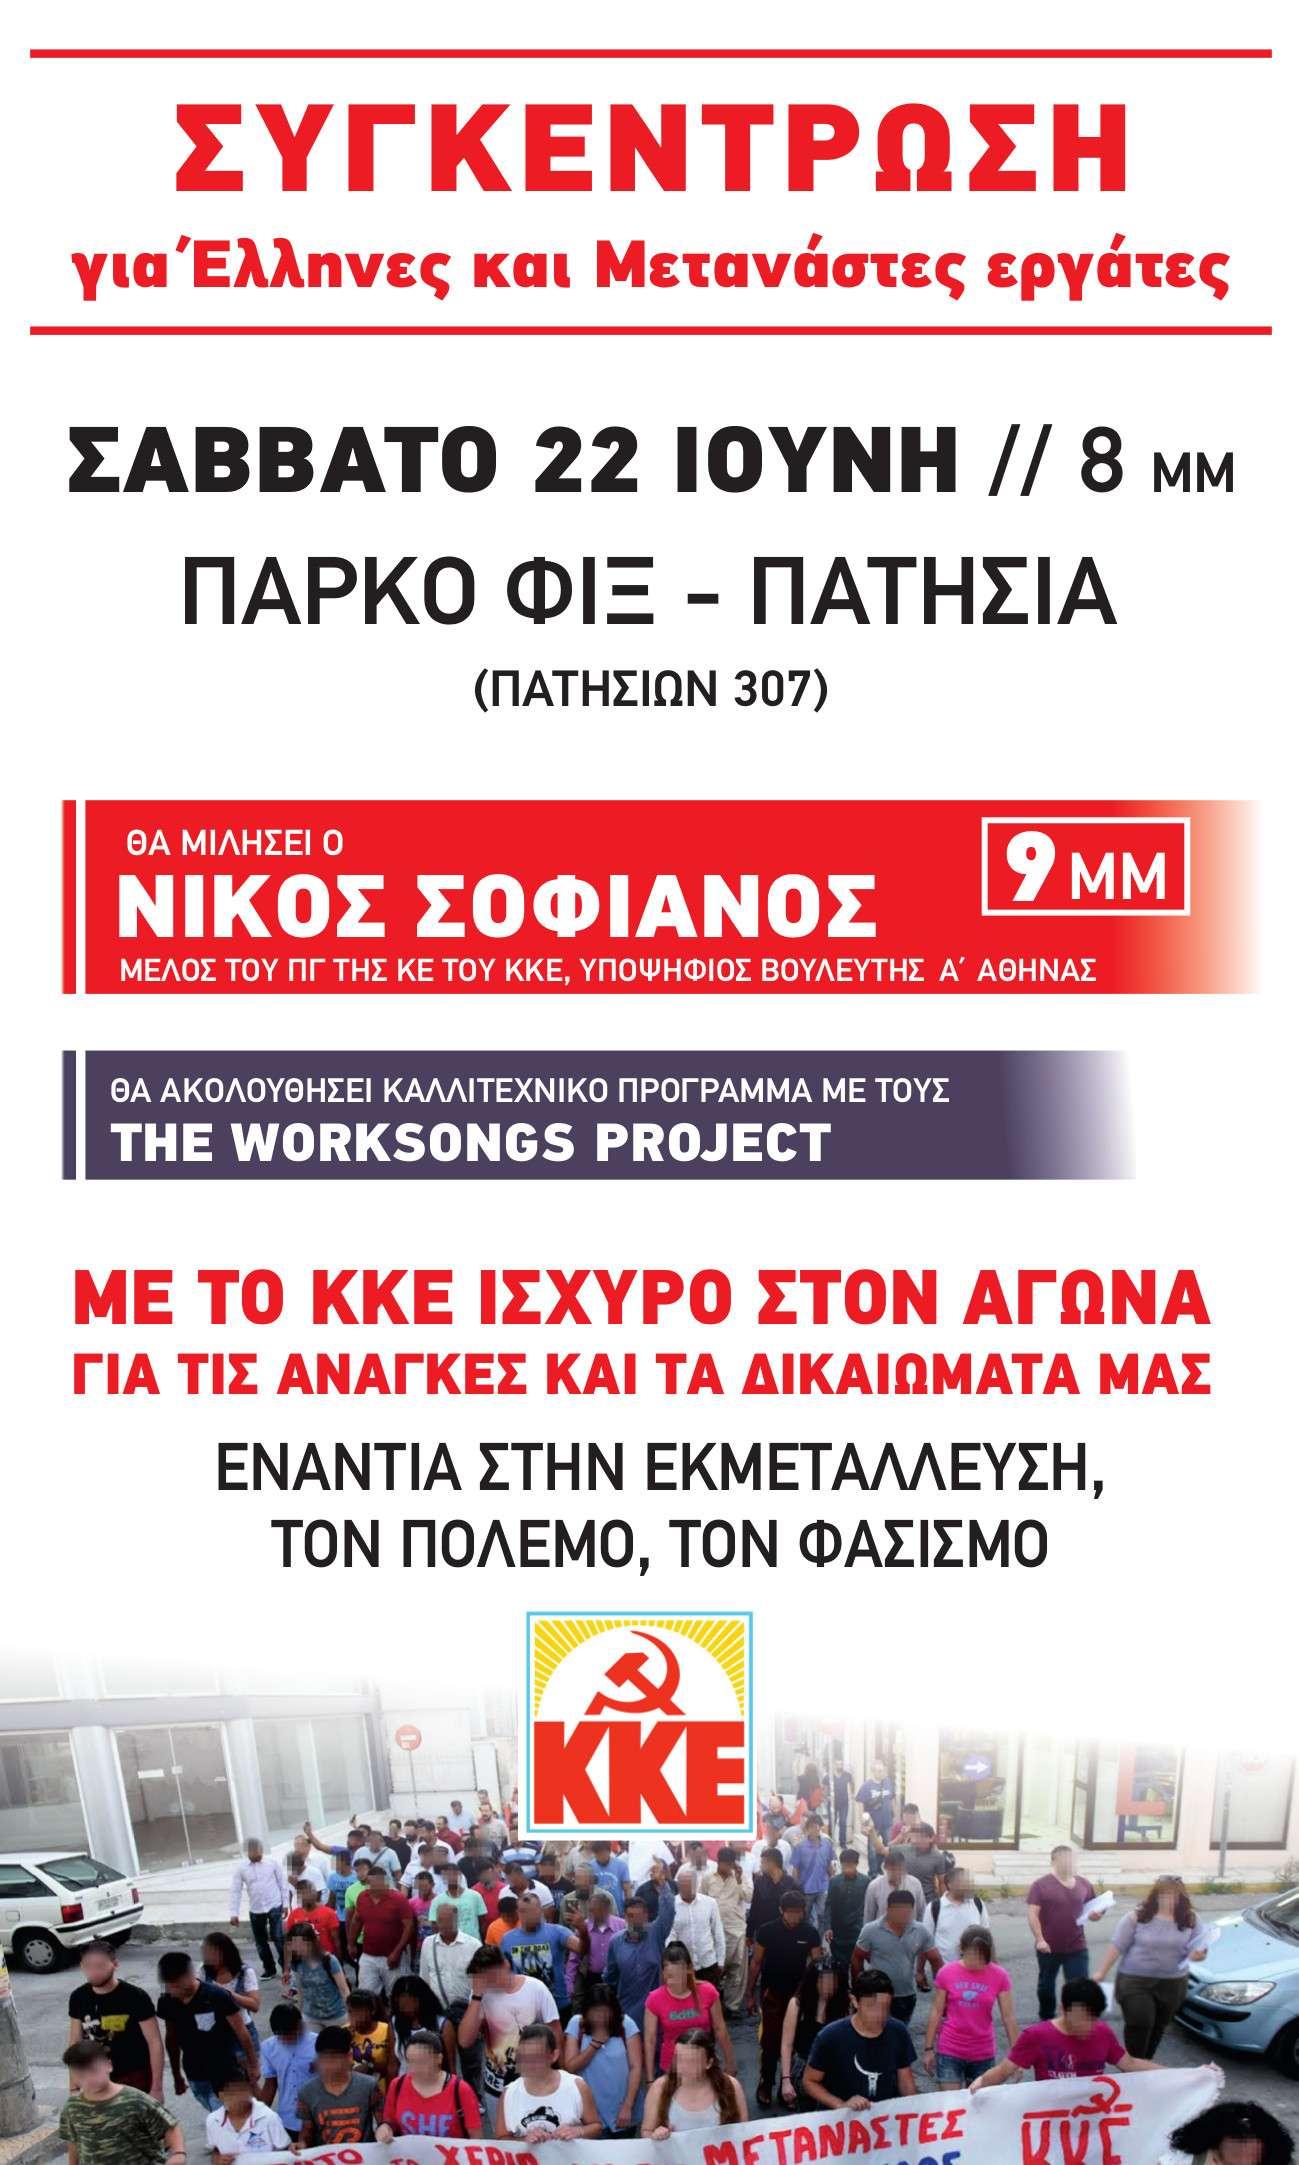 ΚΟ Αττικής του ΚΚΕ |> Σάββατο 22 Ιούνη η συγκέντρωση για Έλληνες και μετανάστες εργάτες, στο Πάρκο ΦΙΞ